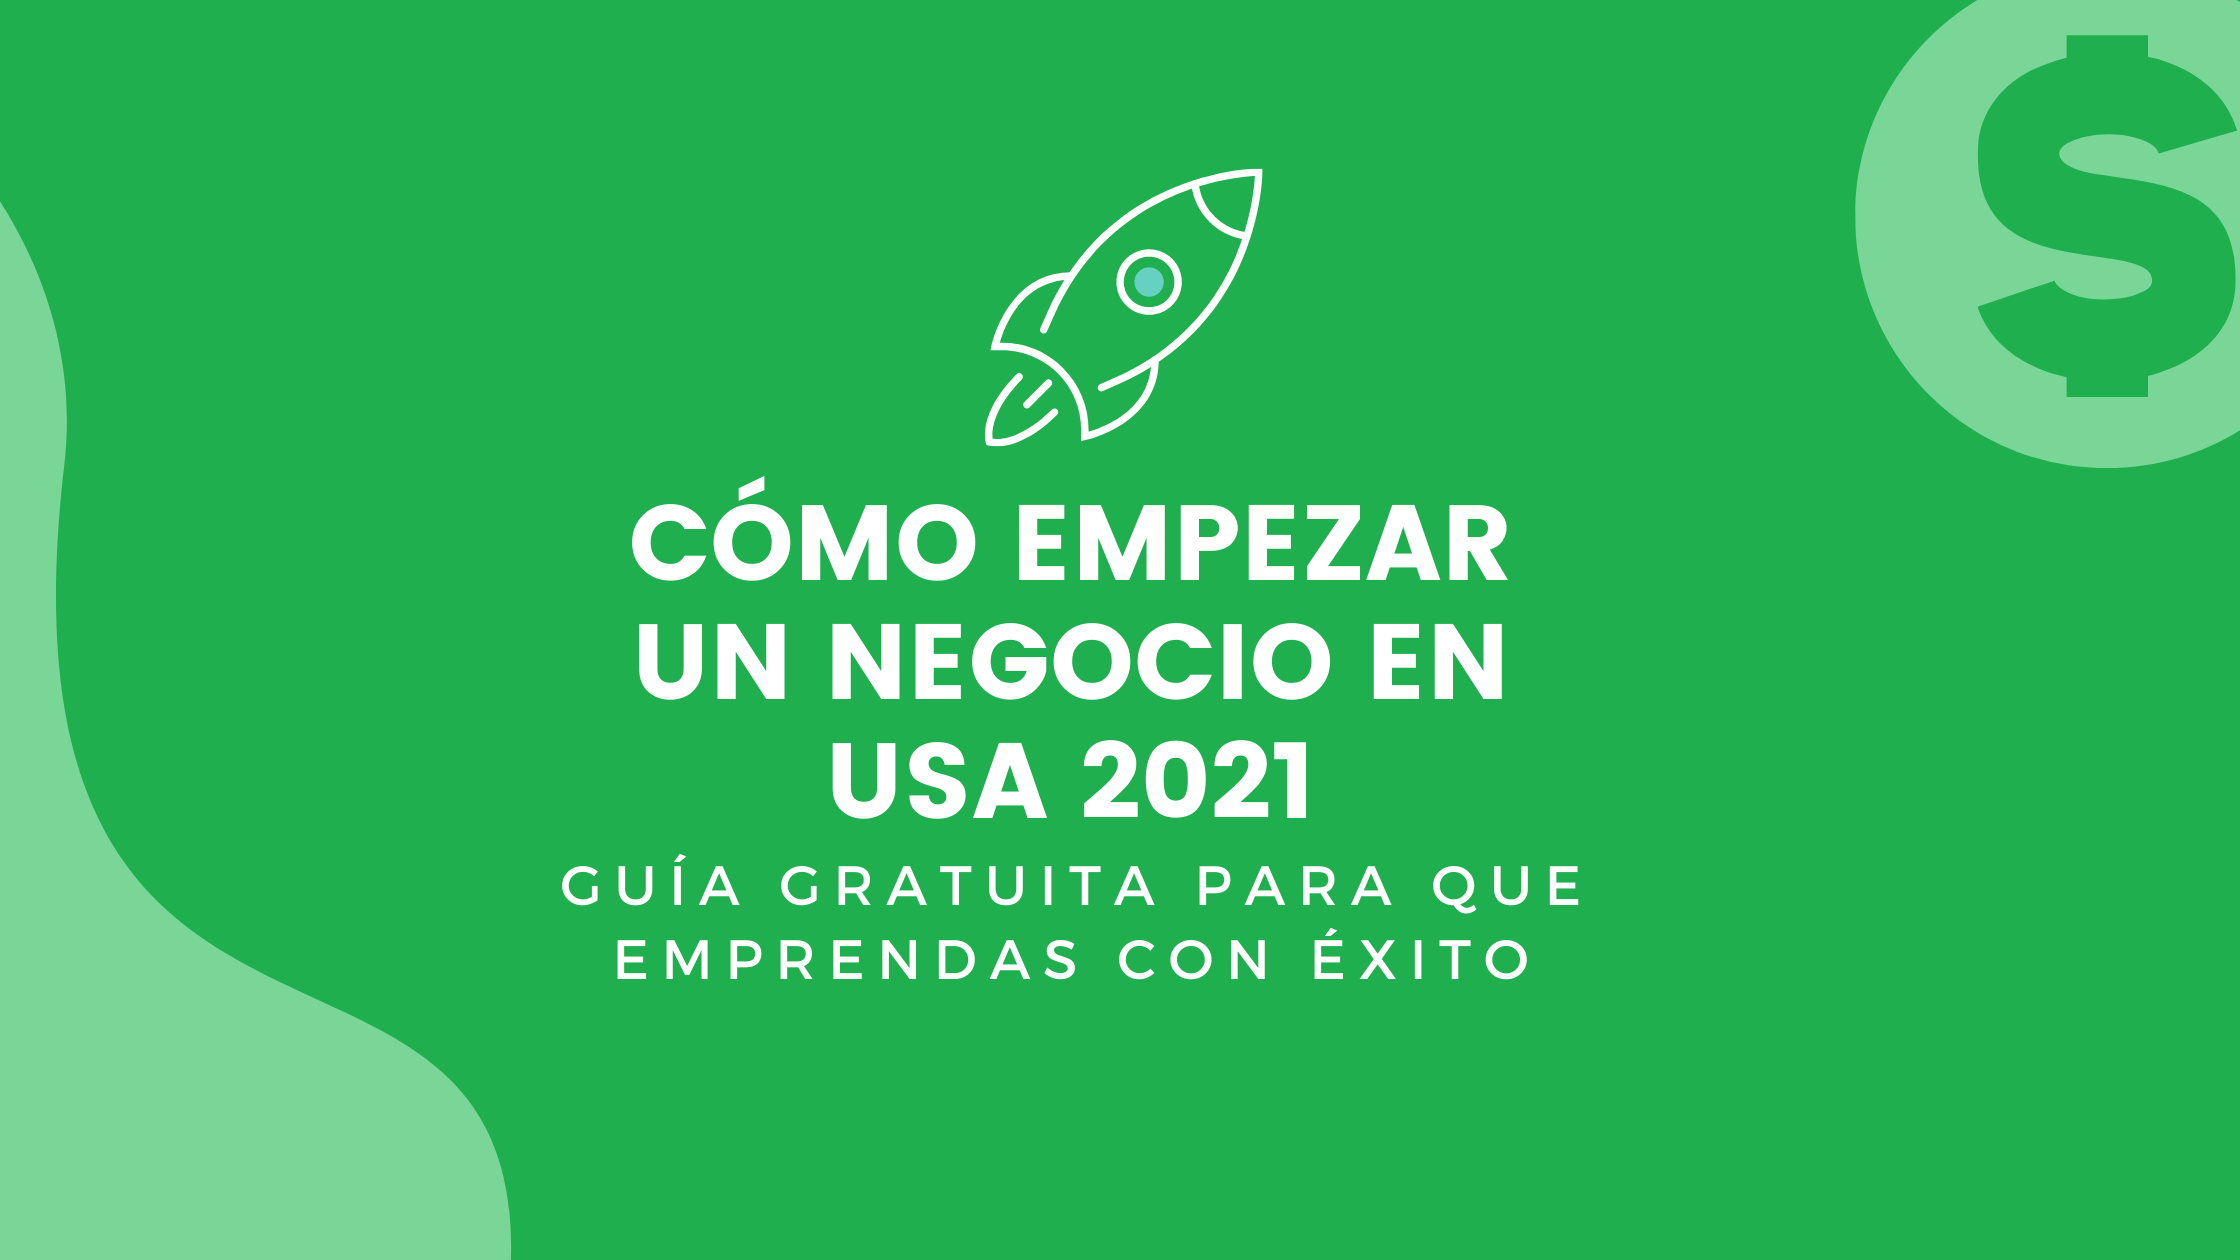 Cómo empezar un negocio en USA 2021